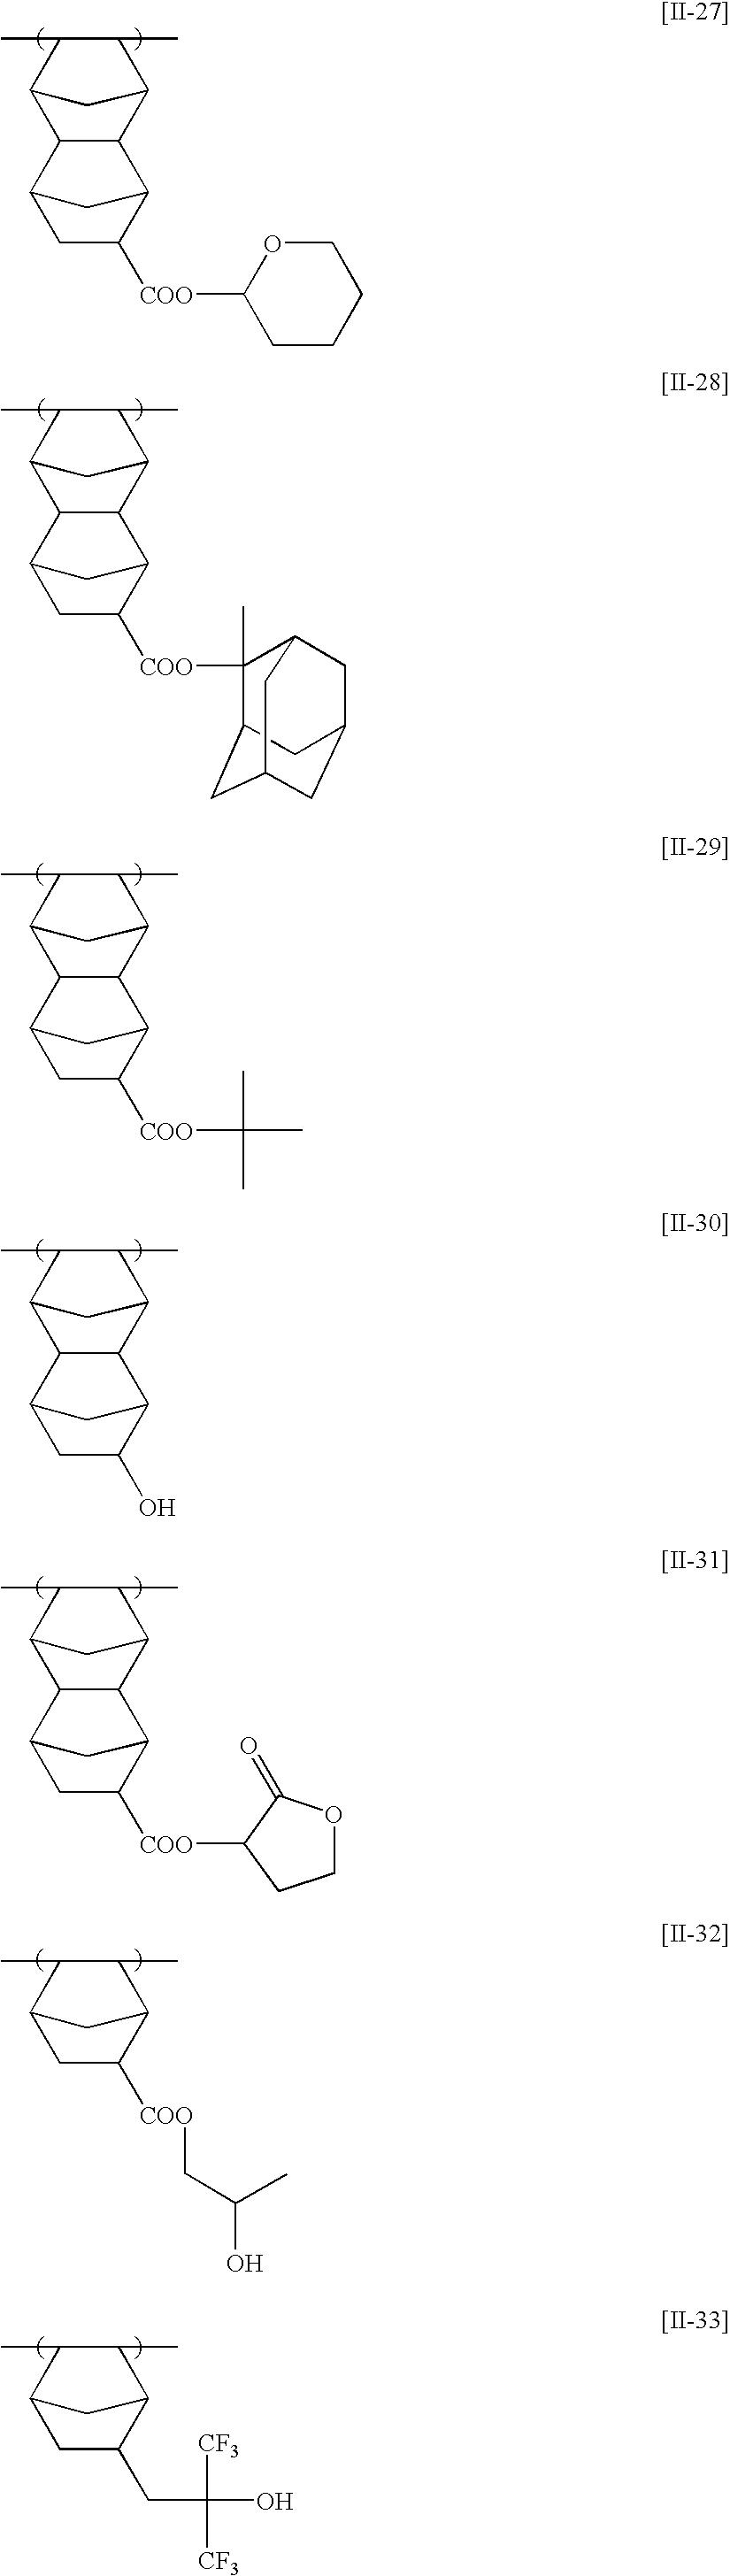 Figure US08741537-20140603-C00021